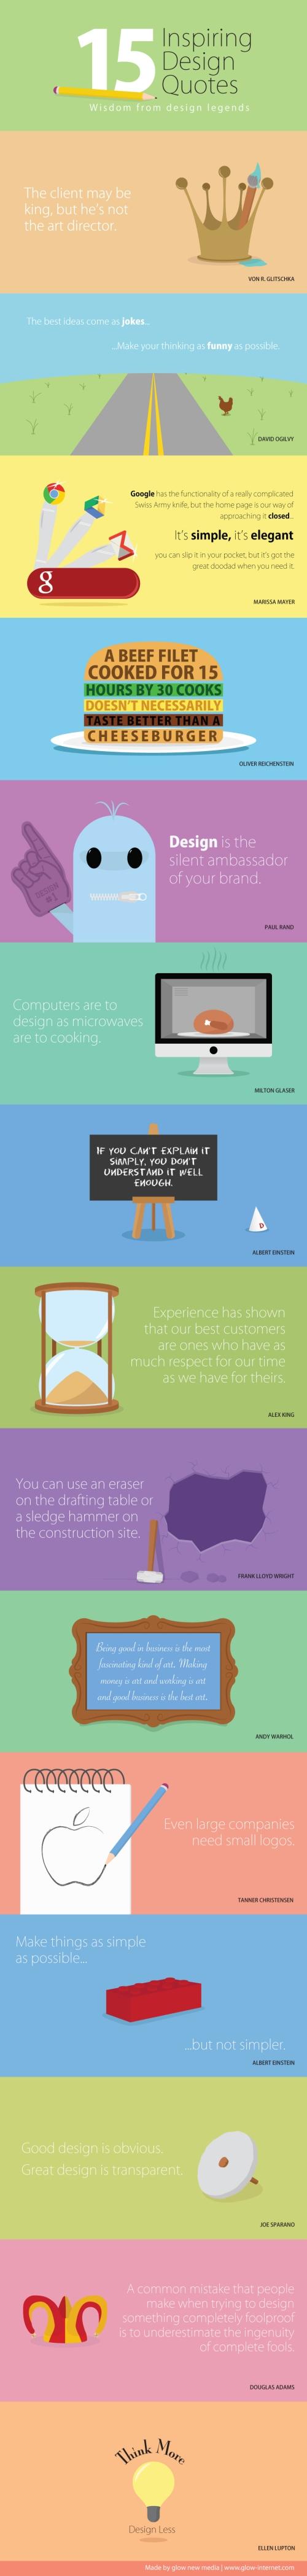 15 Inspiring Design Quotes